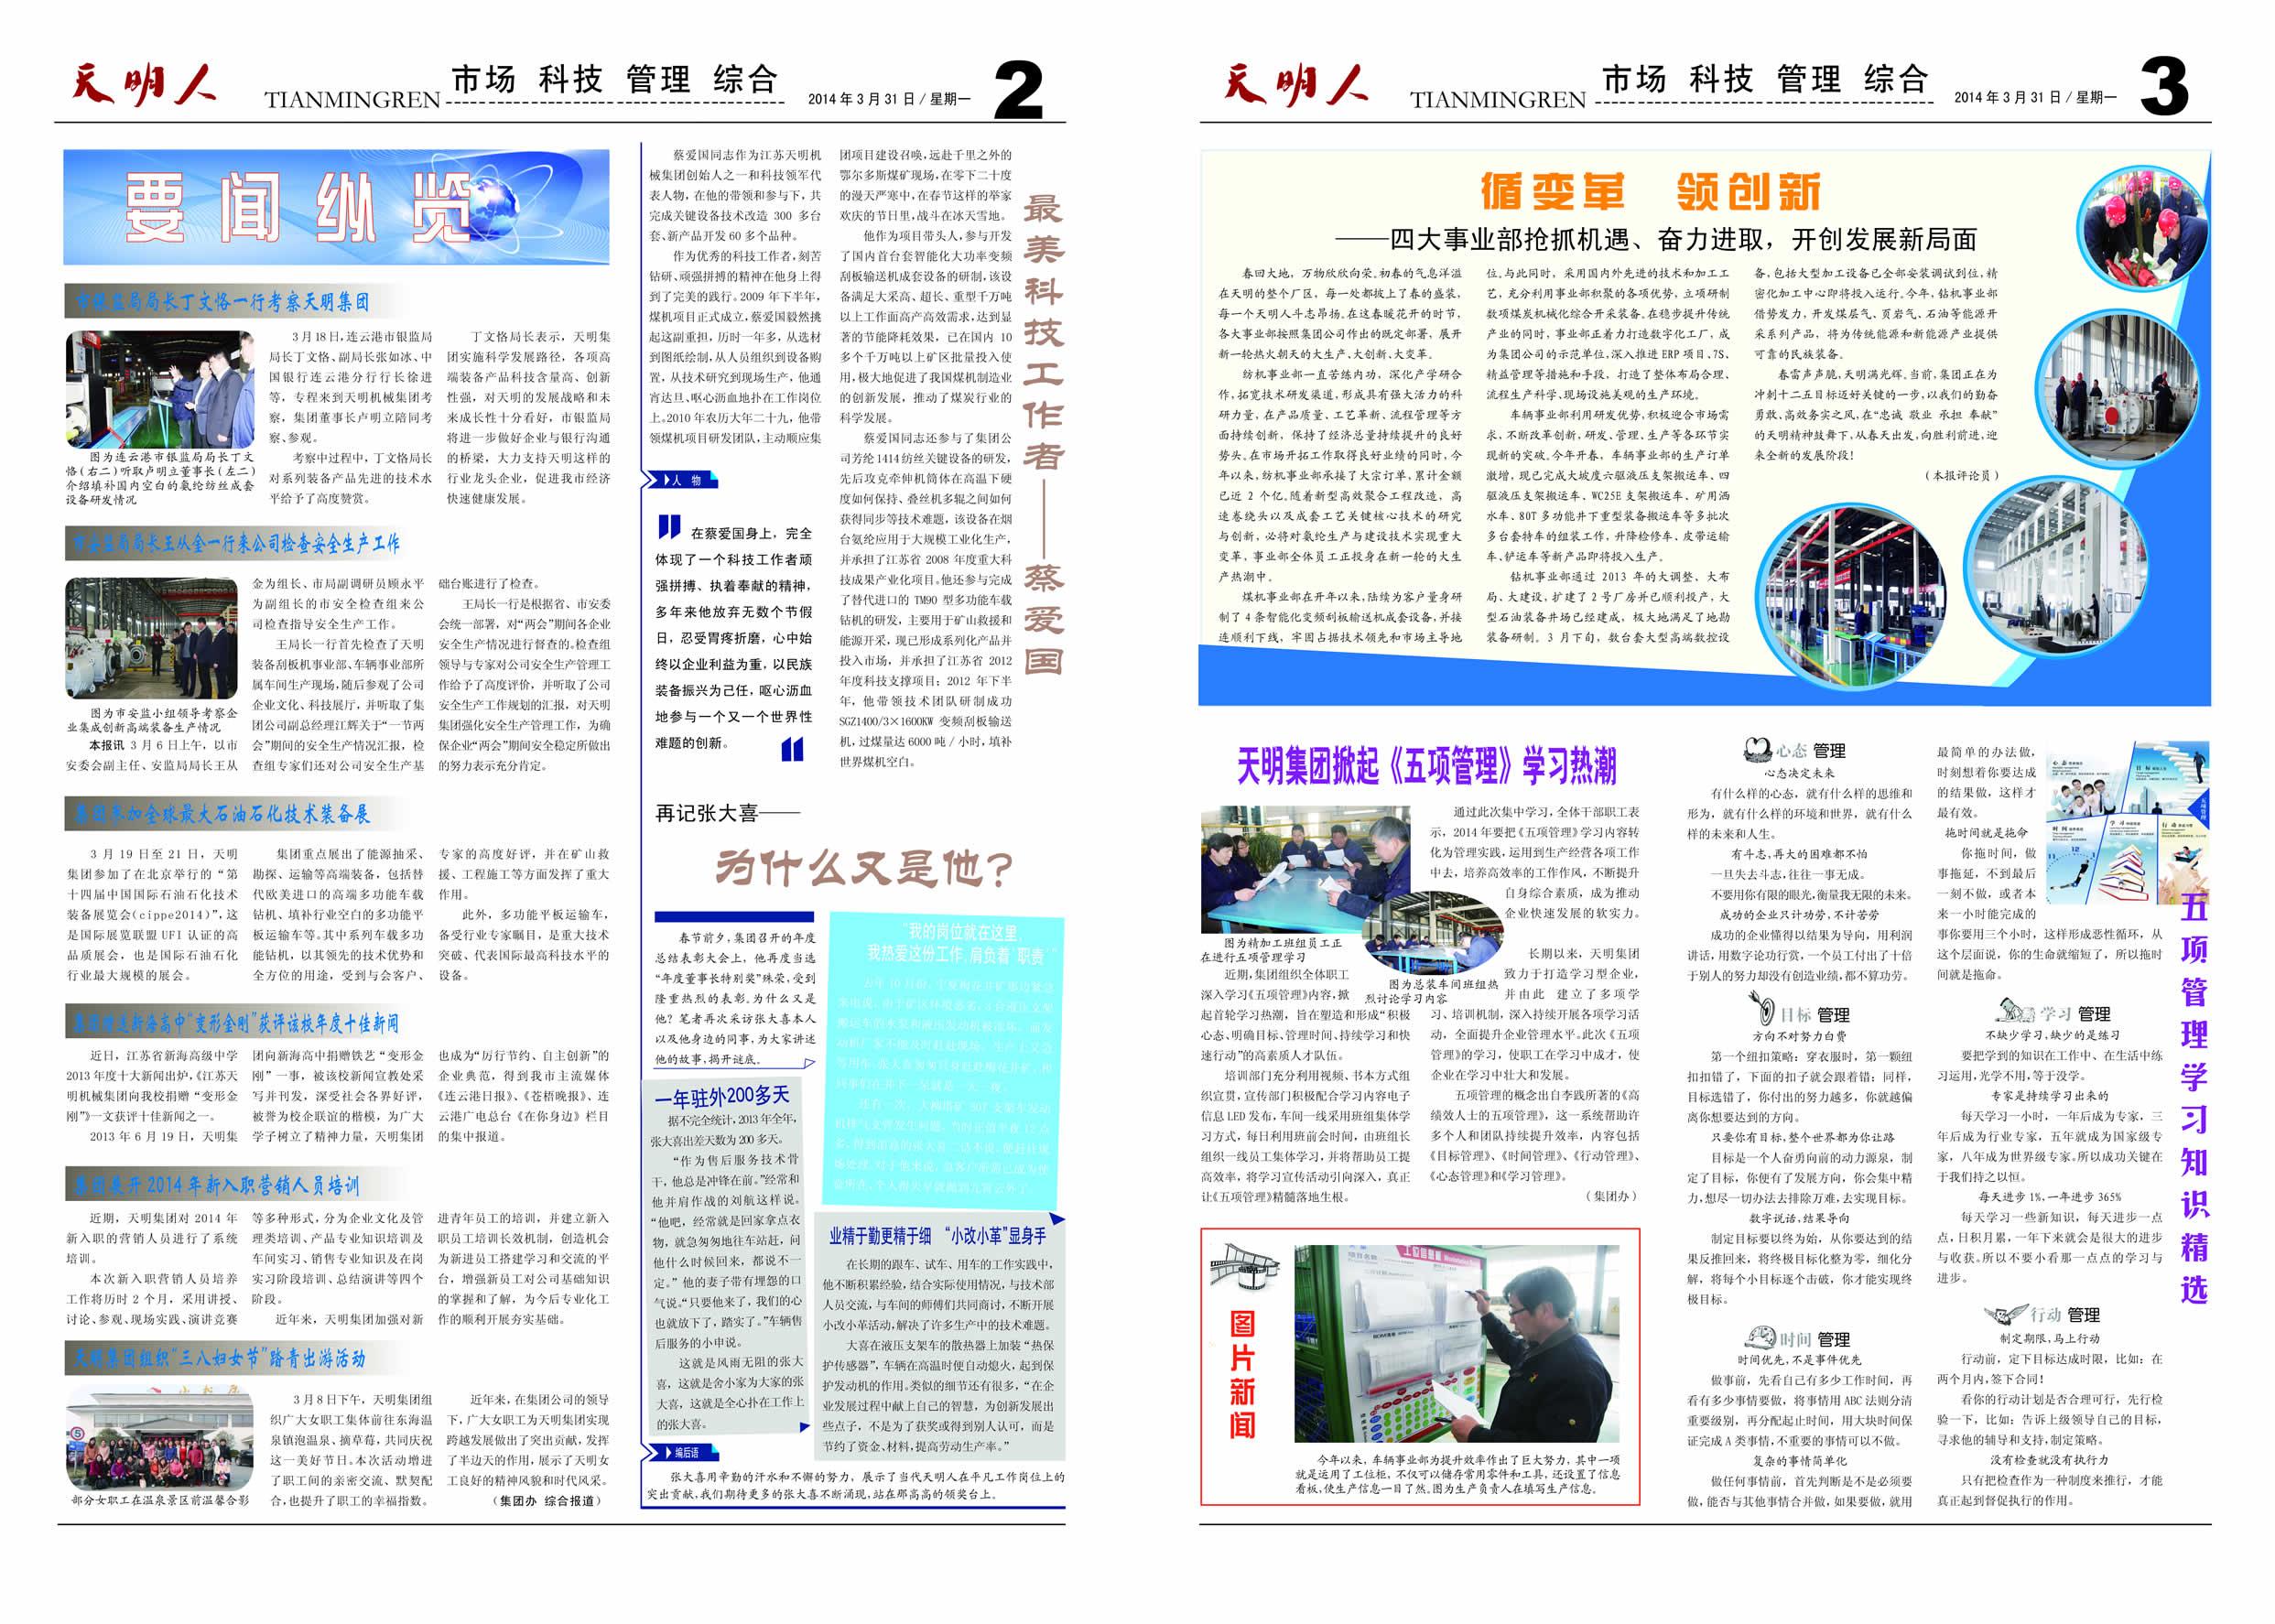 永利402人2014第03期(总第79期)2、3版